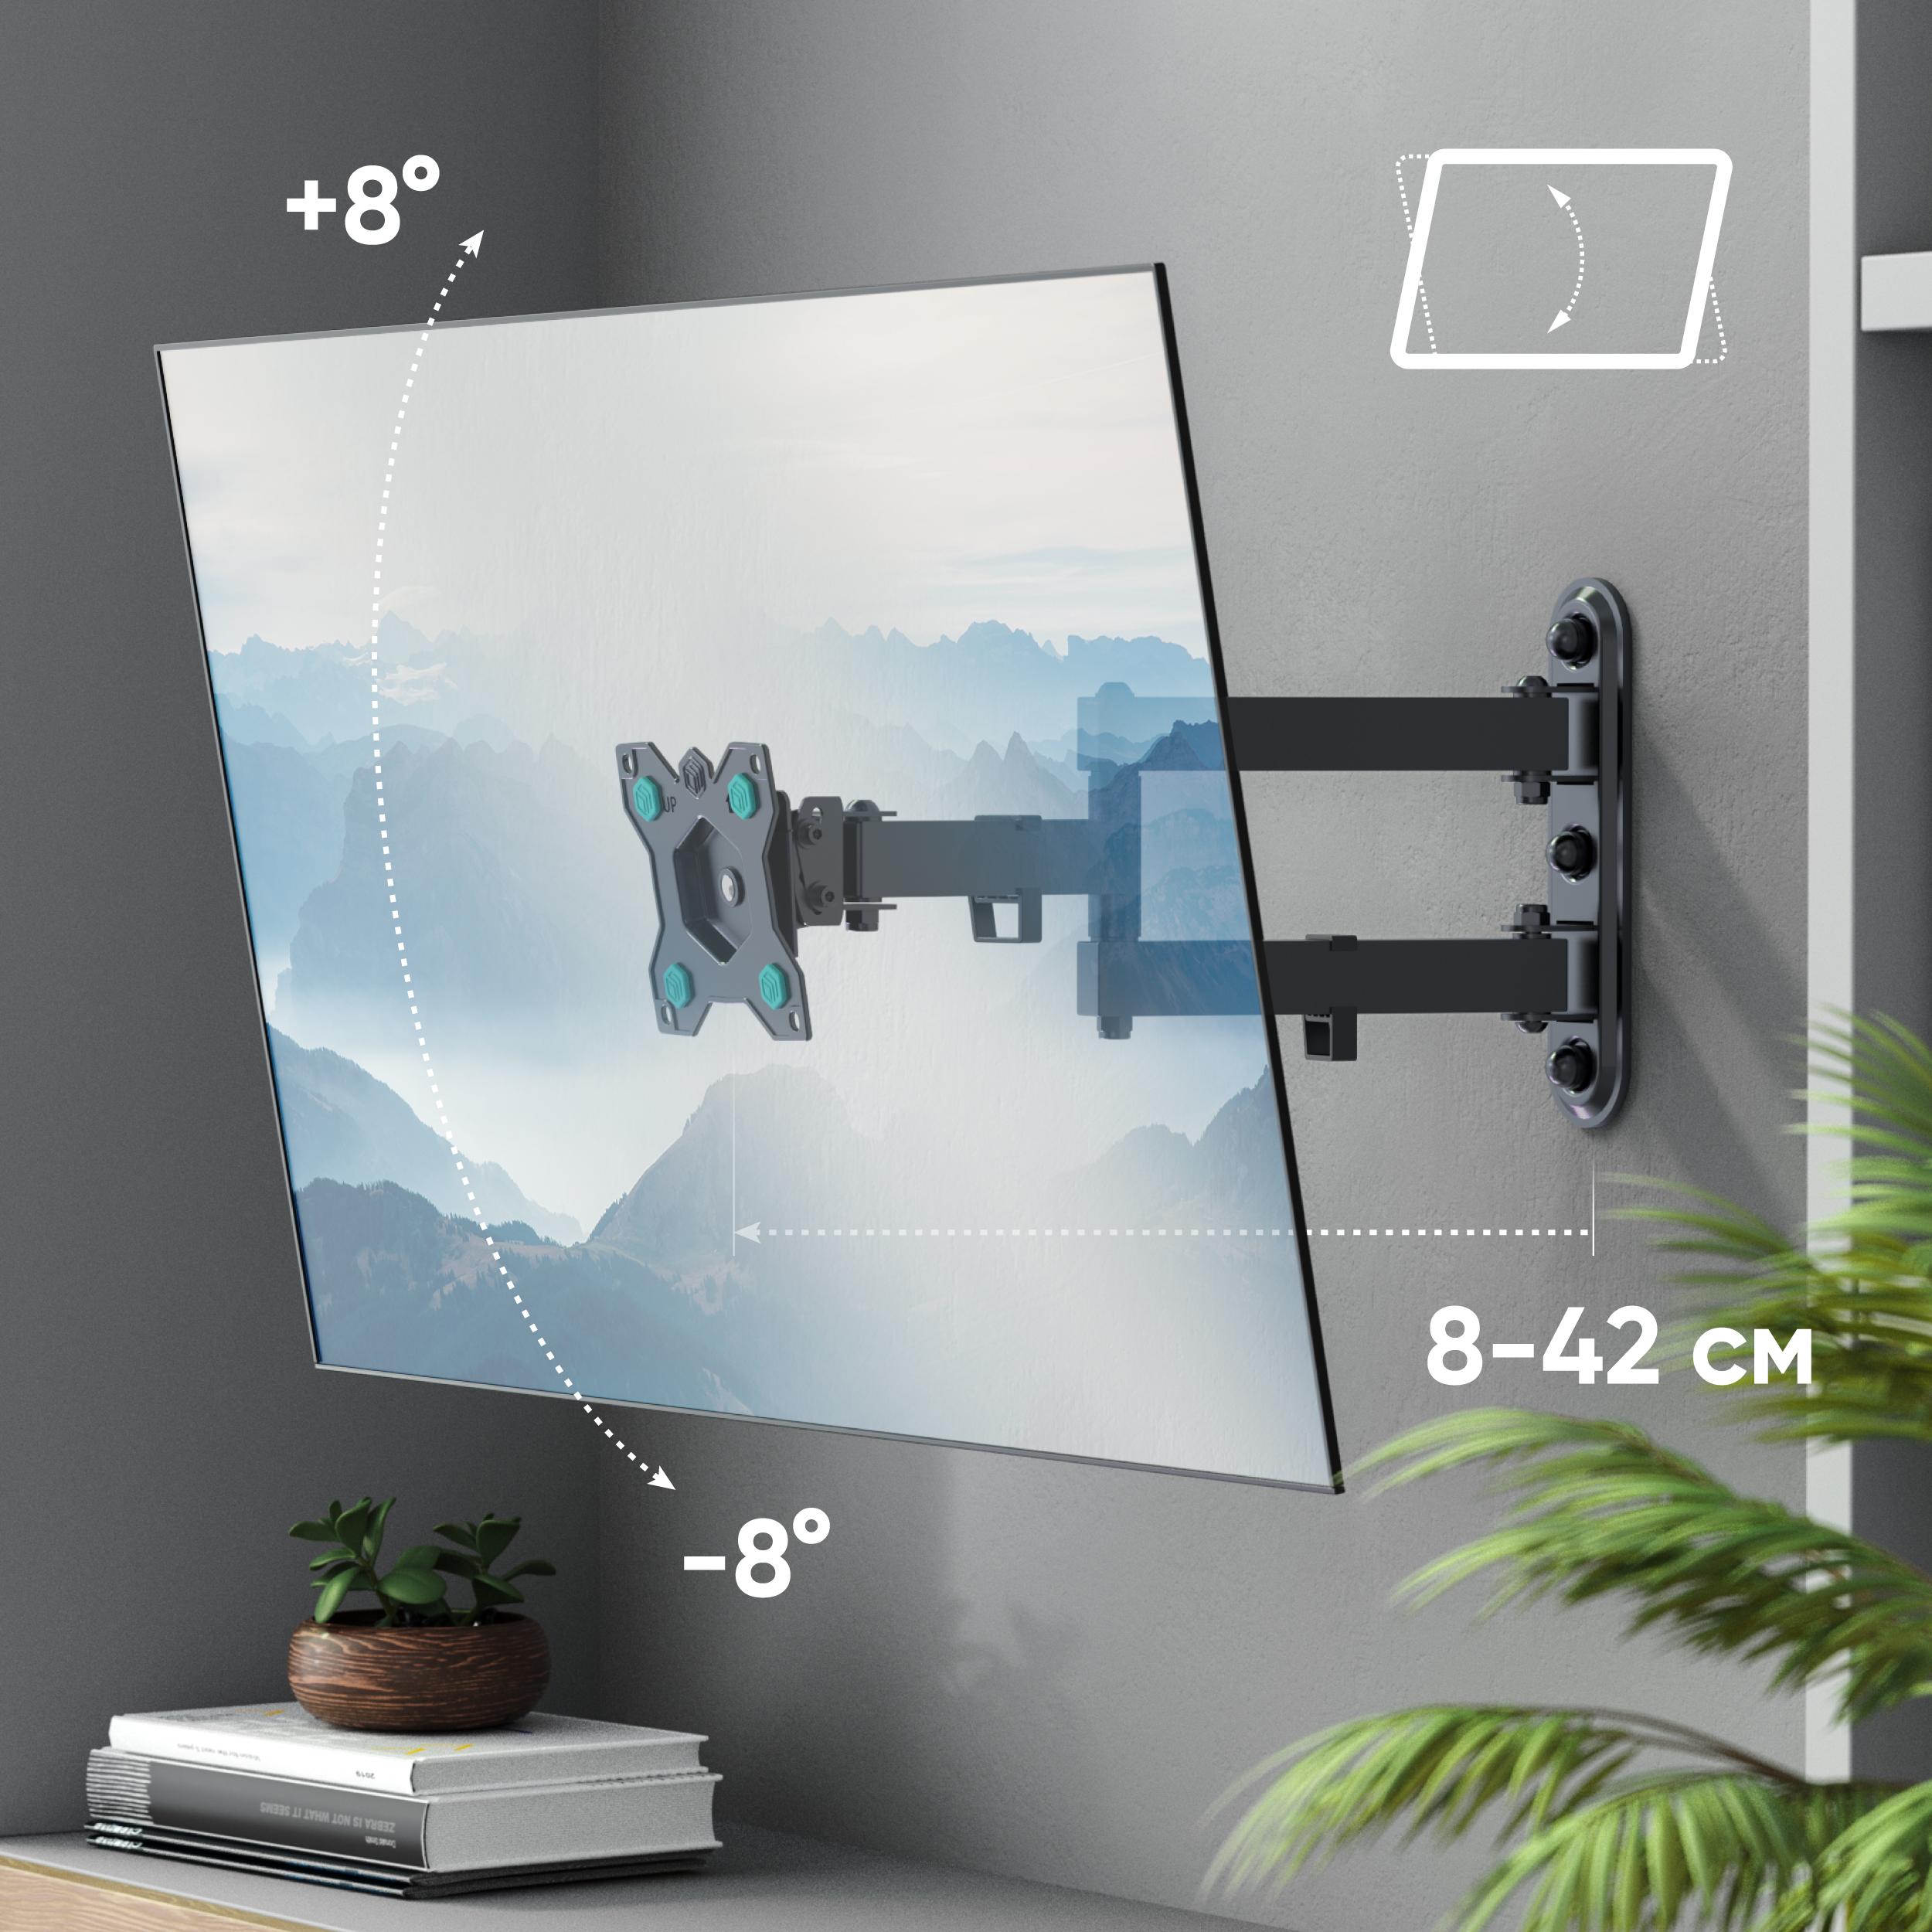 """ONKRON кронштейн для телевизора 10""""-27"""" наклонно-поворотный, чёрный R4 - вид 3 миниатюра"""